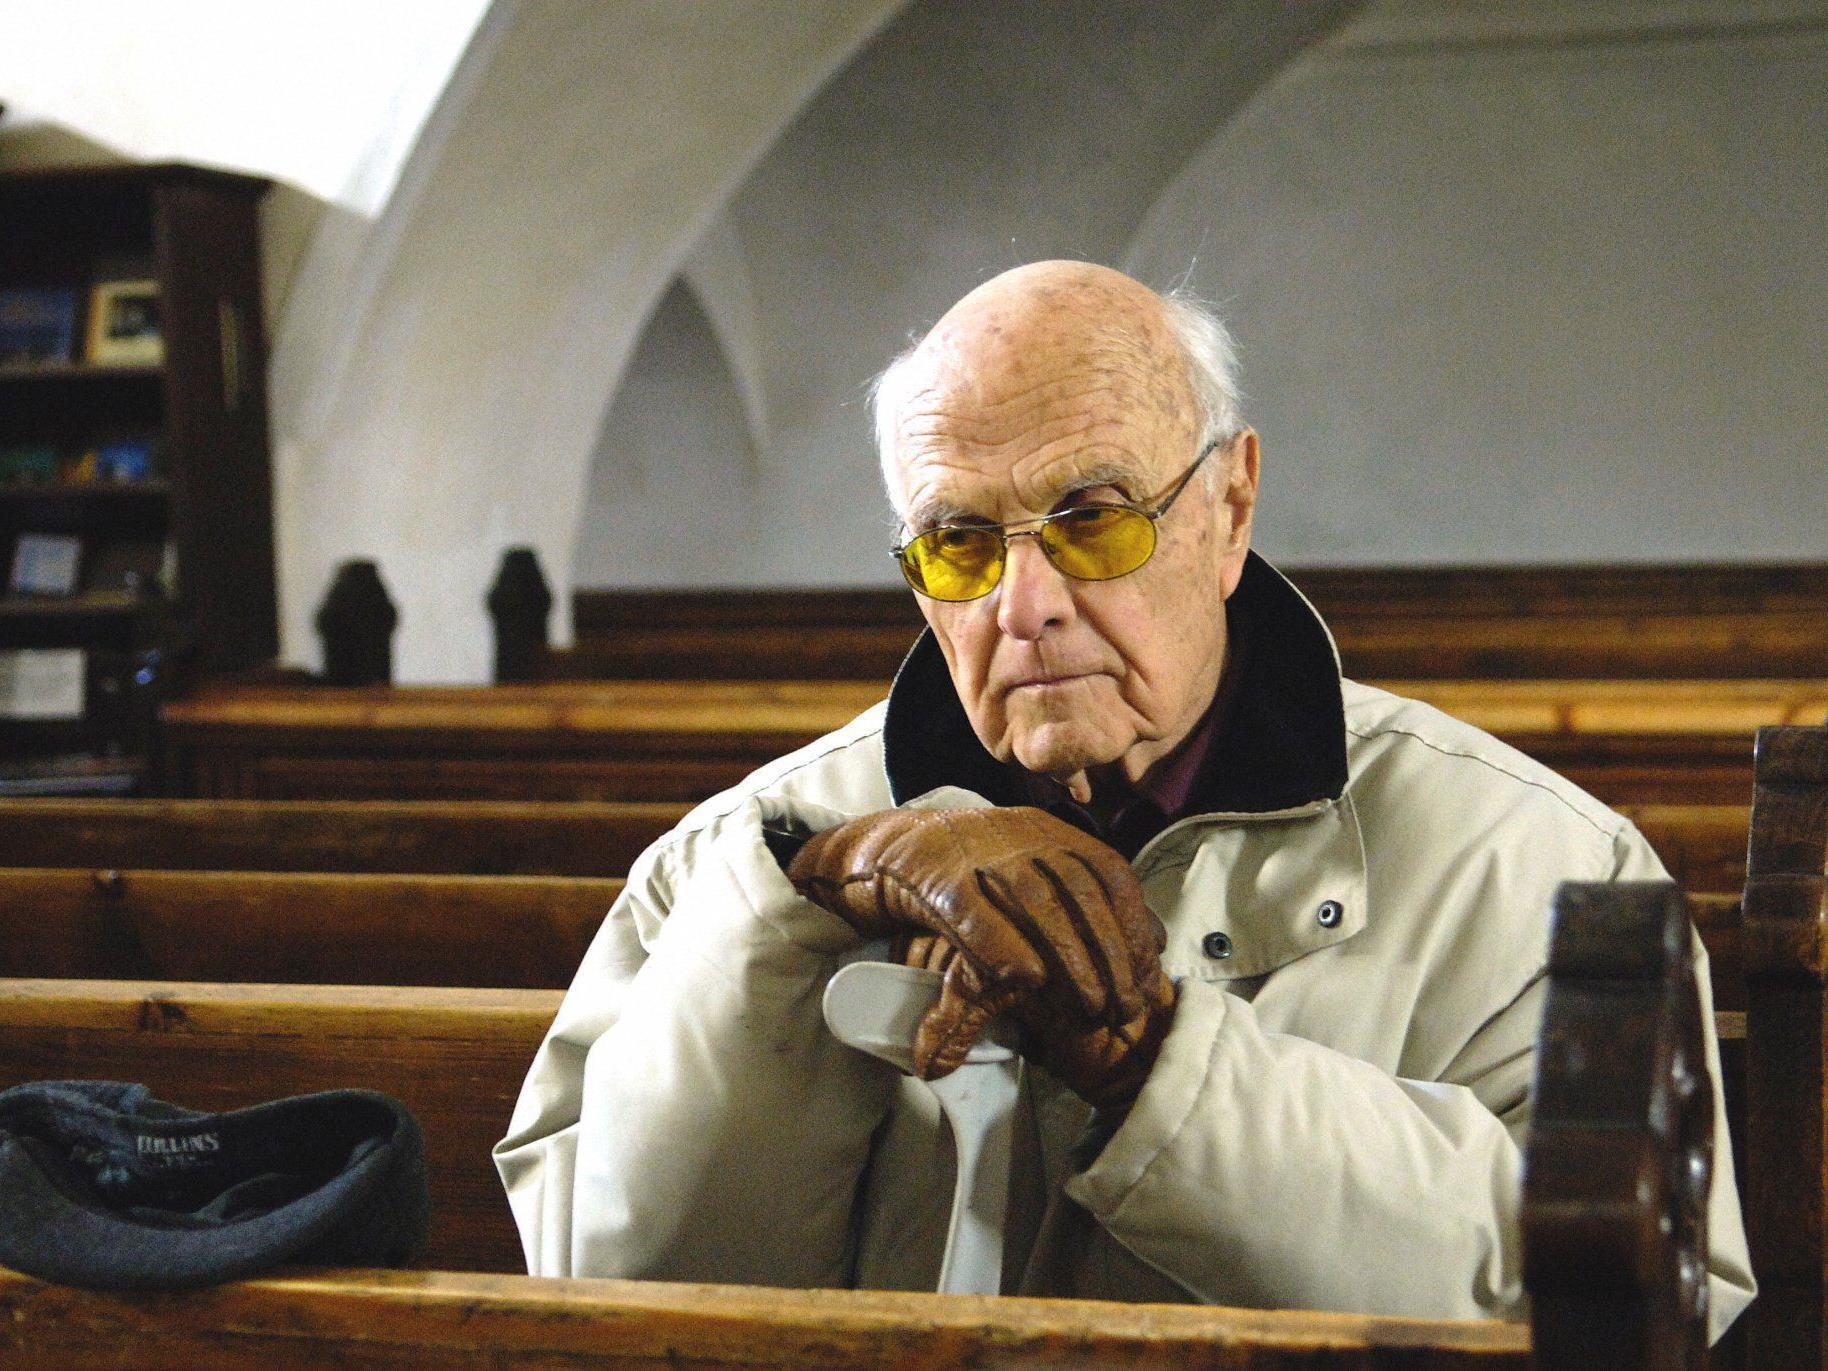 Vortragsveranstaltung mit Professor Stein Husebø am 5. Februar 2012 in Hohenems